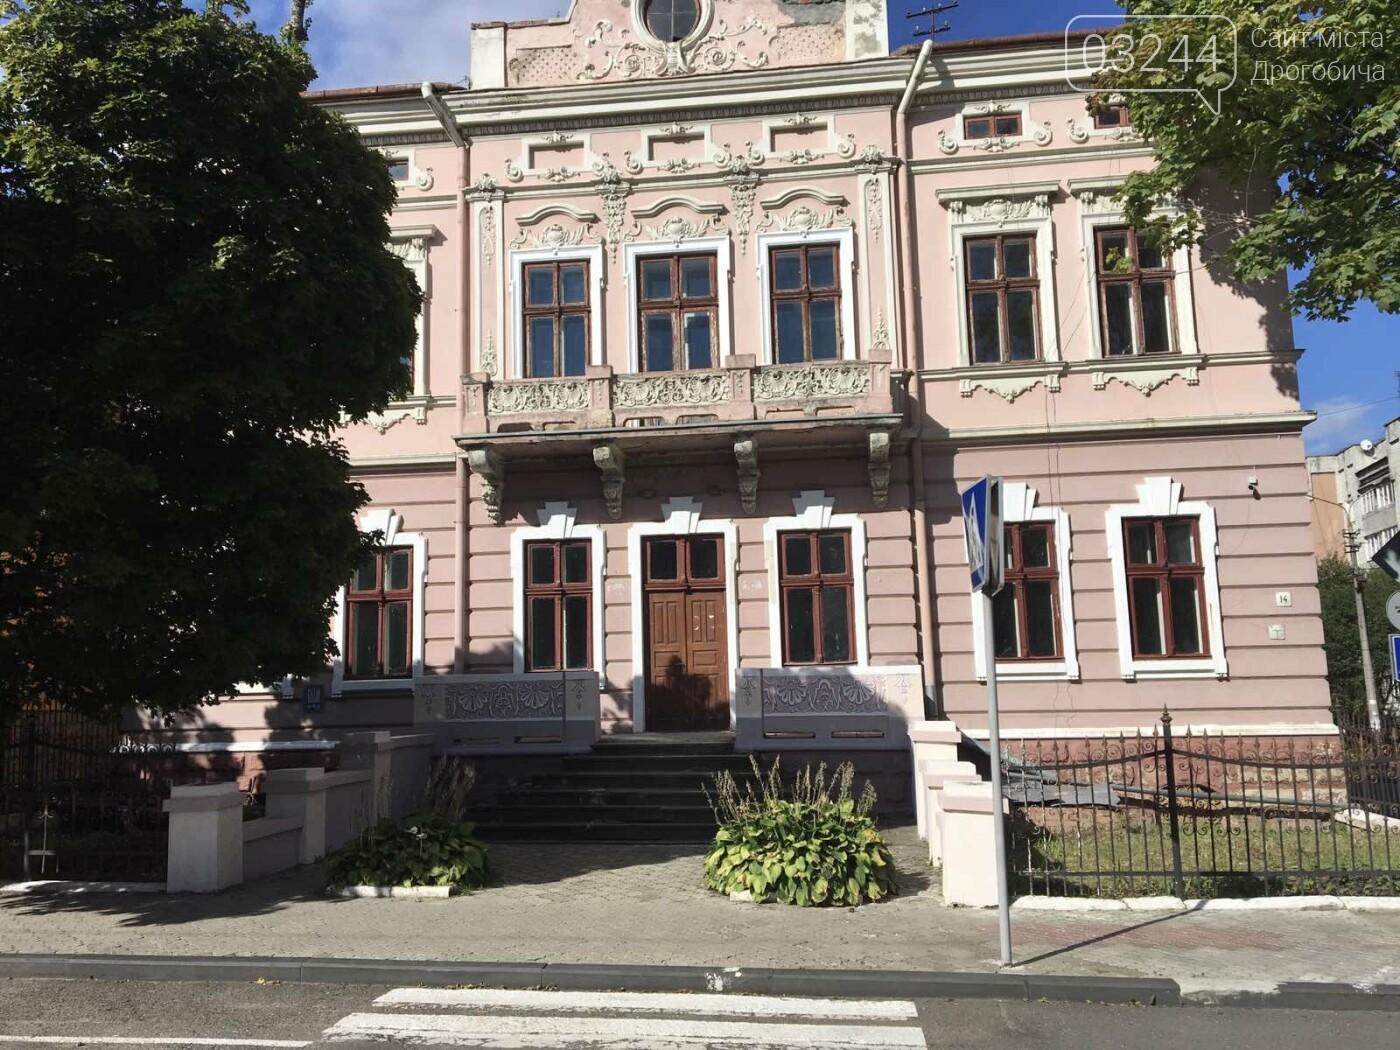 Студенка із Києва мріє відреставрувати старовинні двері вечірньої дрогобицької школи: продає листівки і збирає так кошти, фото-2